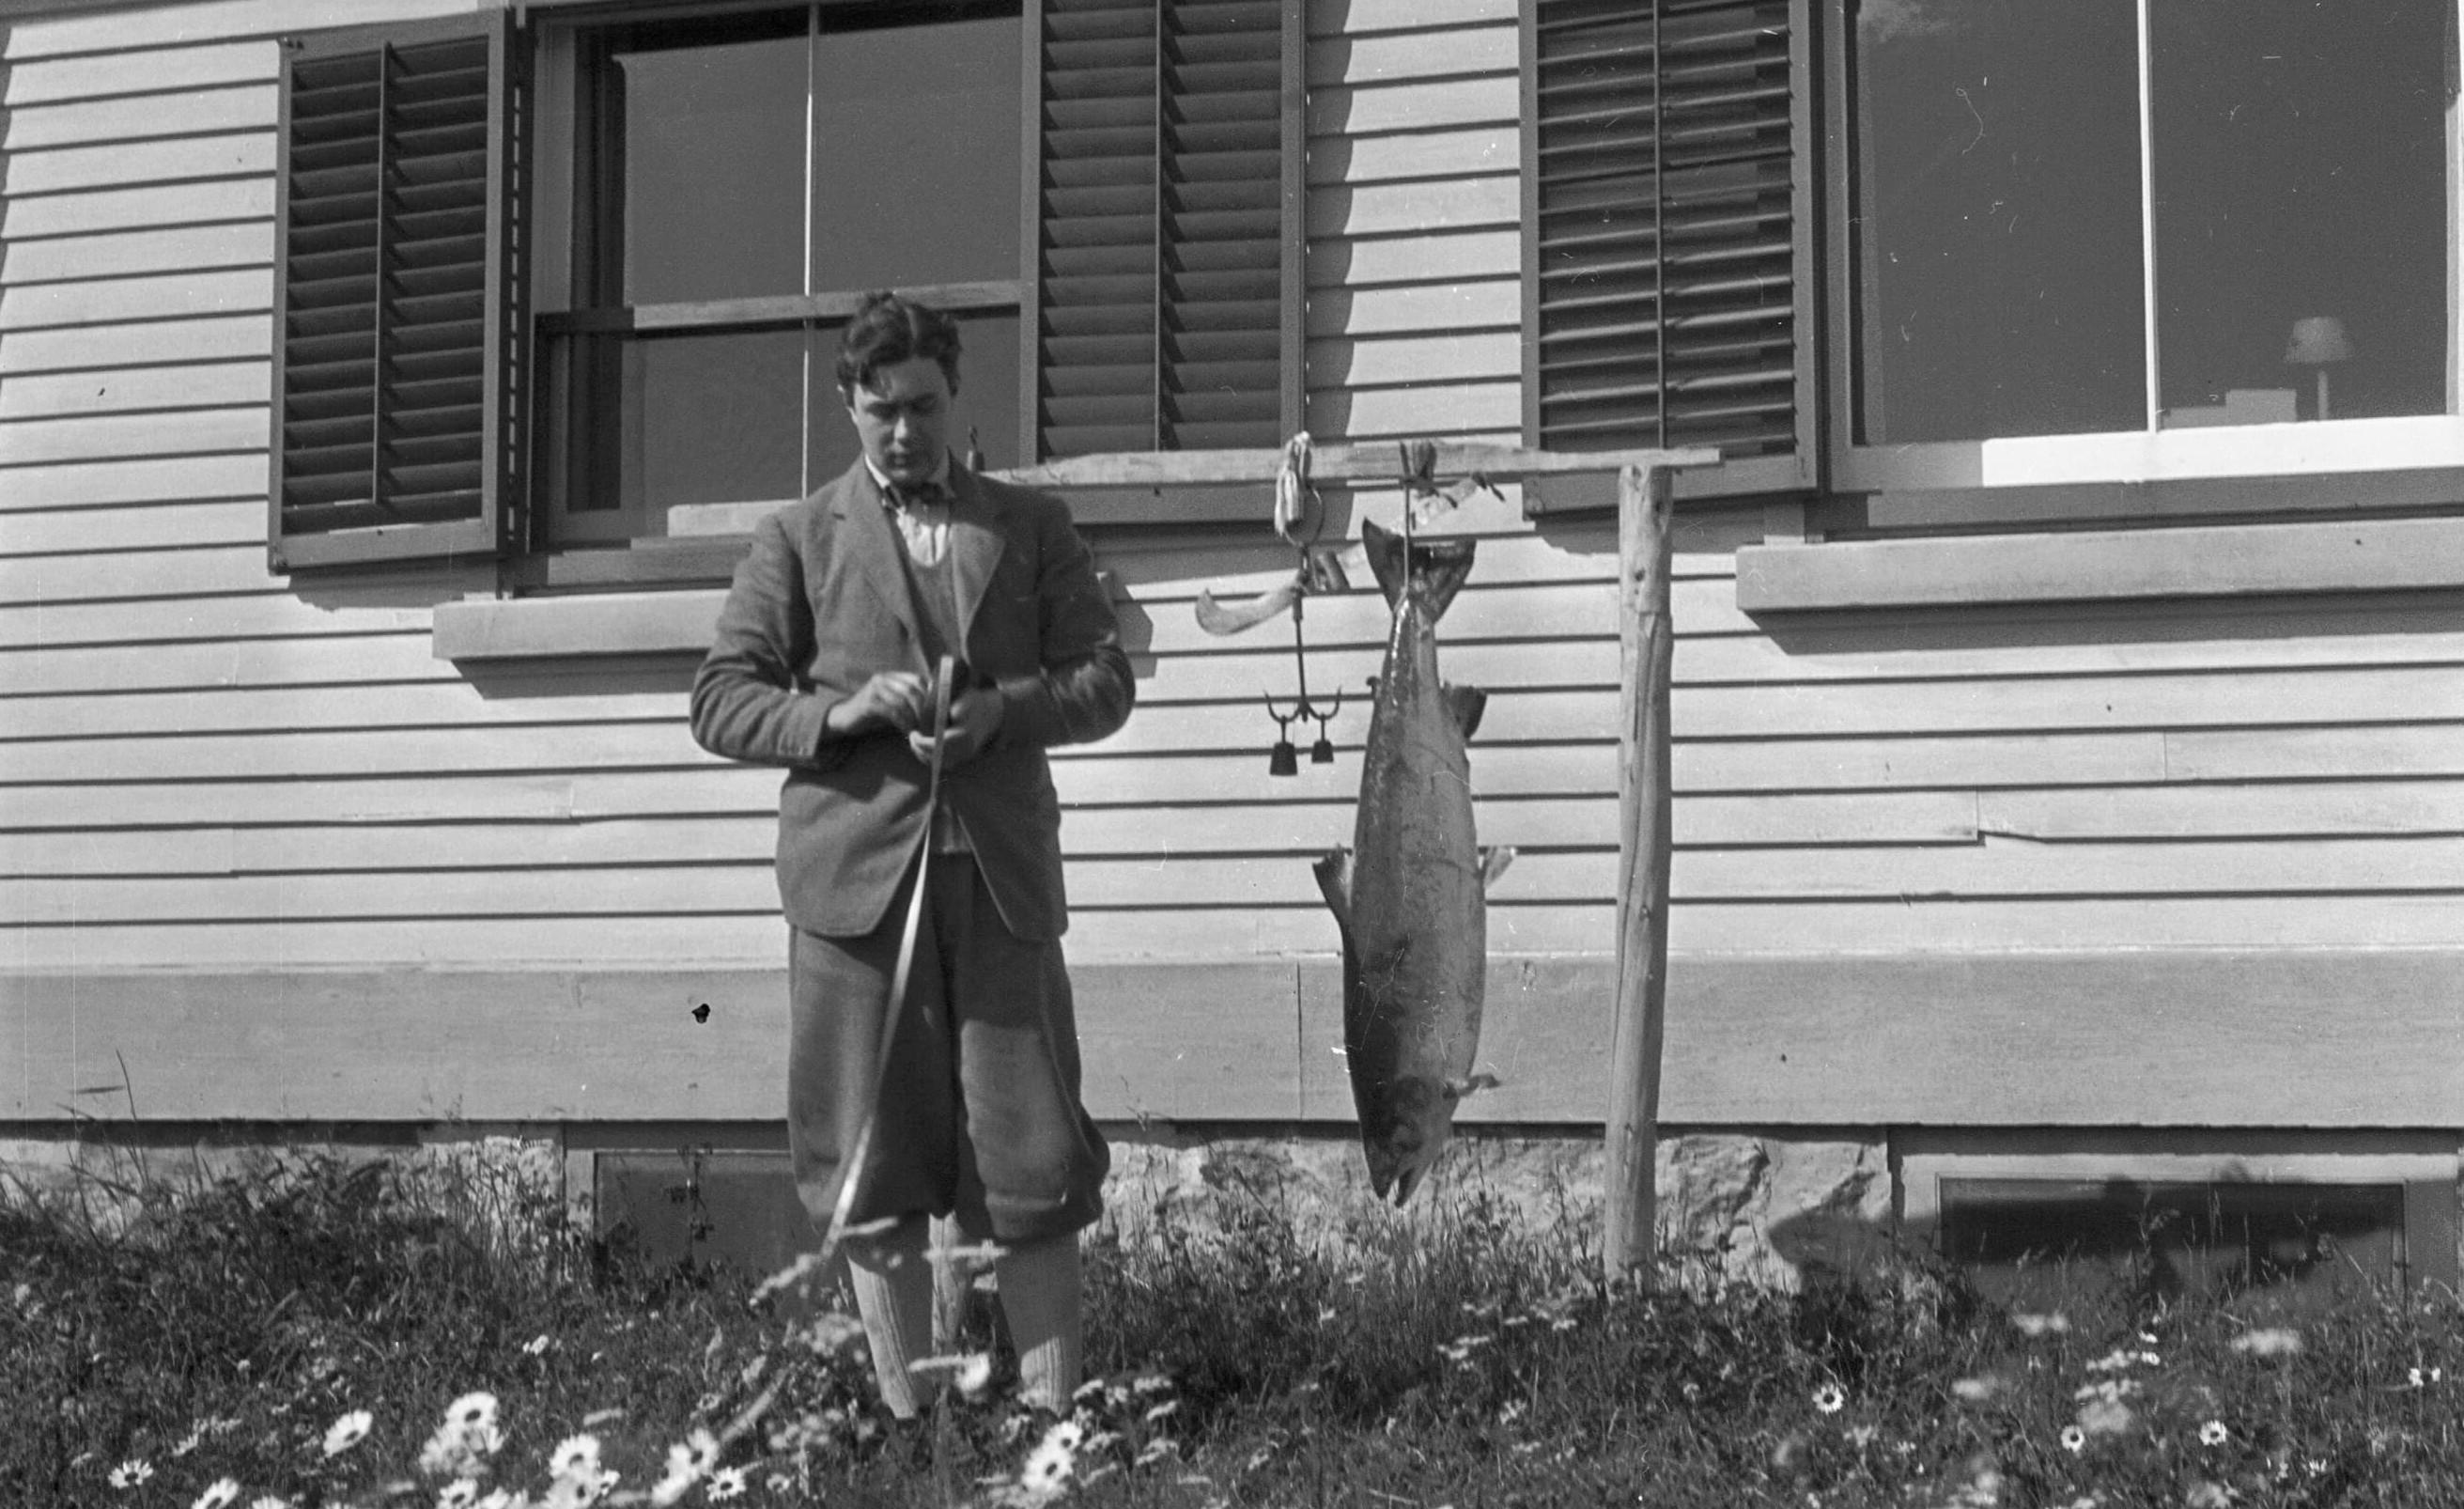 Un jeune homme range un ruban à mesurer près d'une installation extérieure pour la pesée des saumons. Un saumon est suspendu.